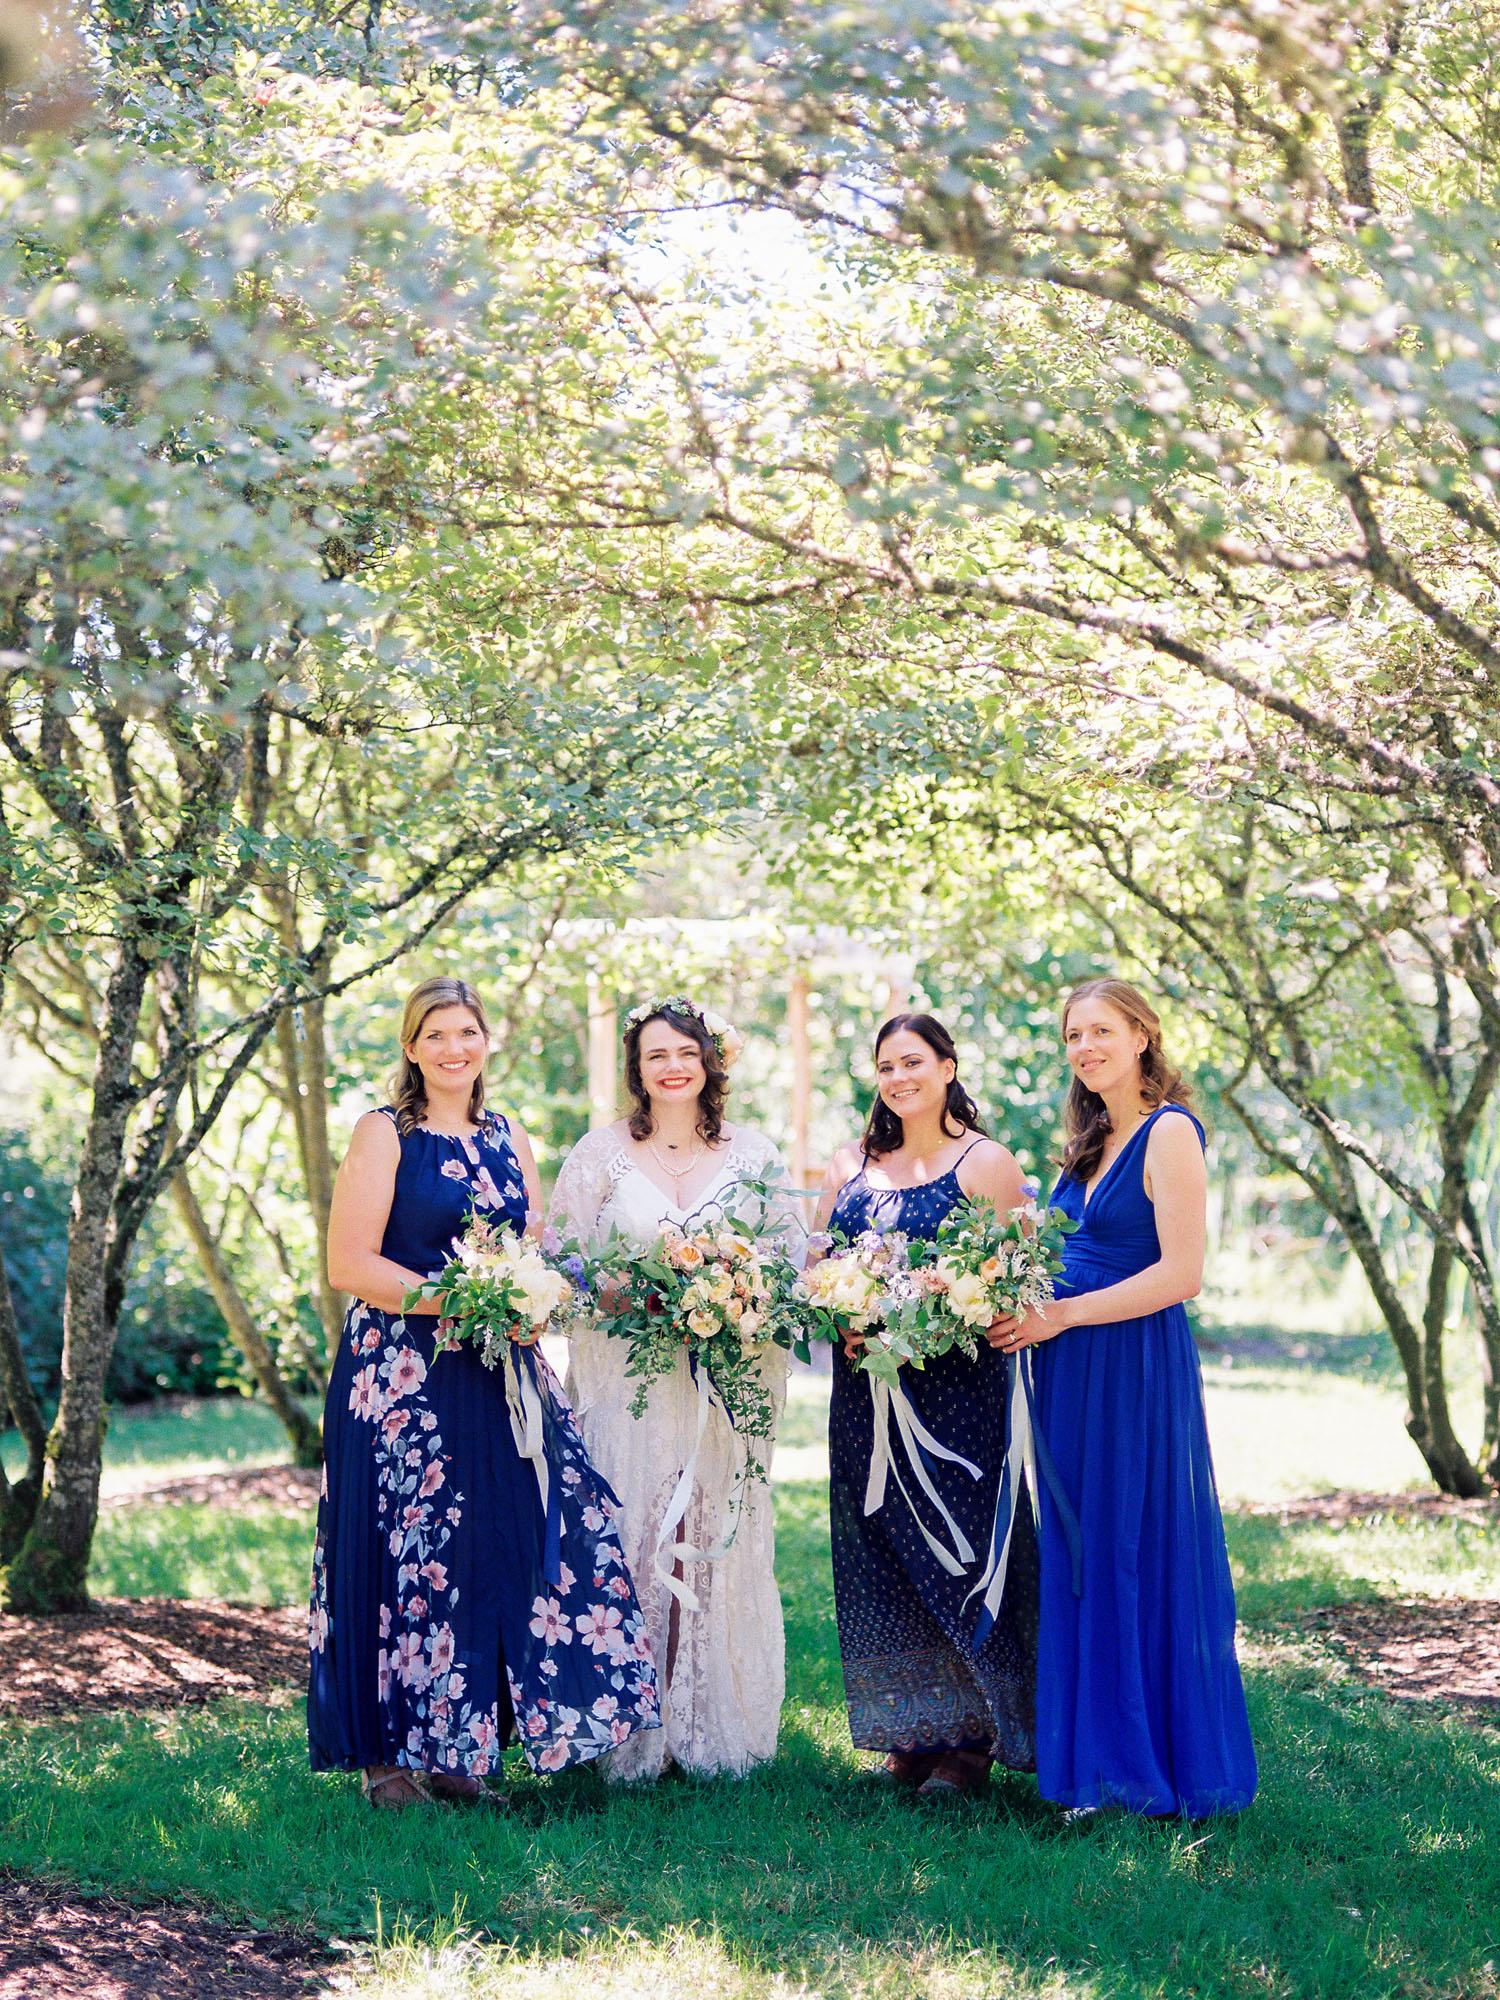 Bridesmaids in mismatched blue dresses Seattle University of Washington wedding